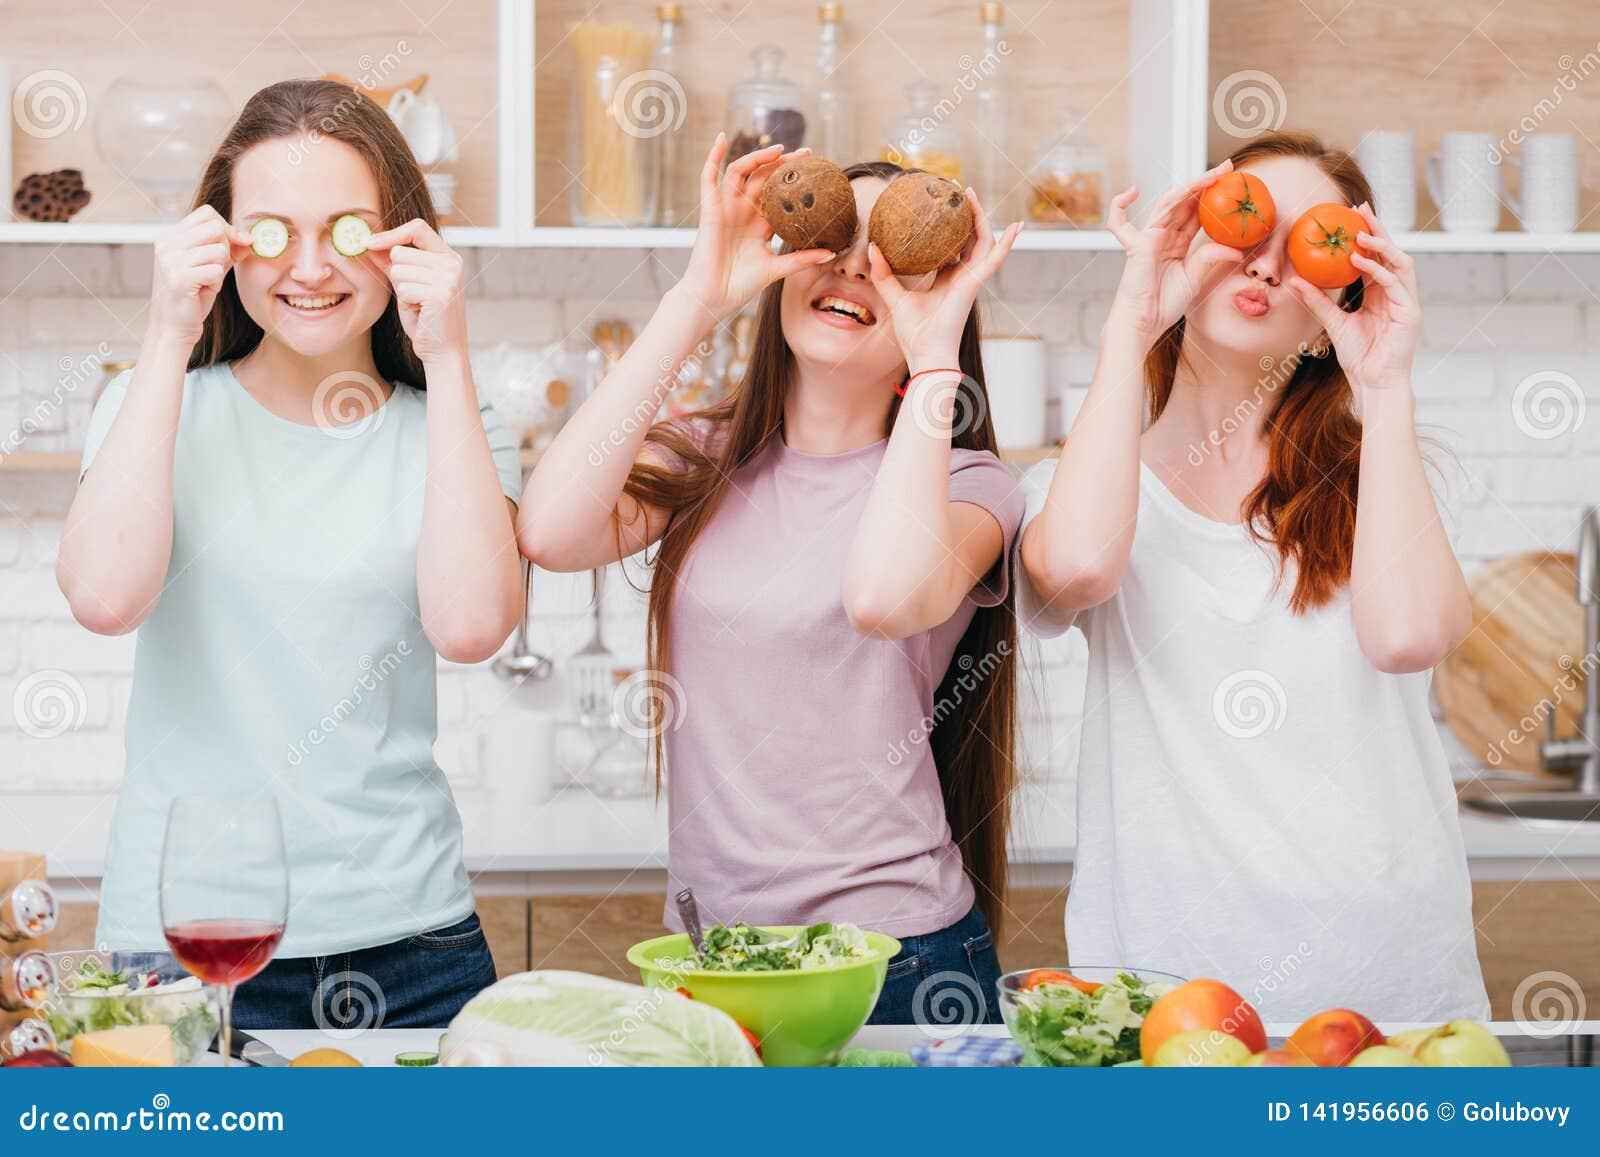 Ocio de la cocina casera que iguala a hembras de la relajación